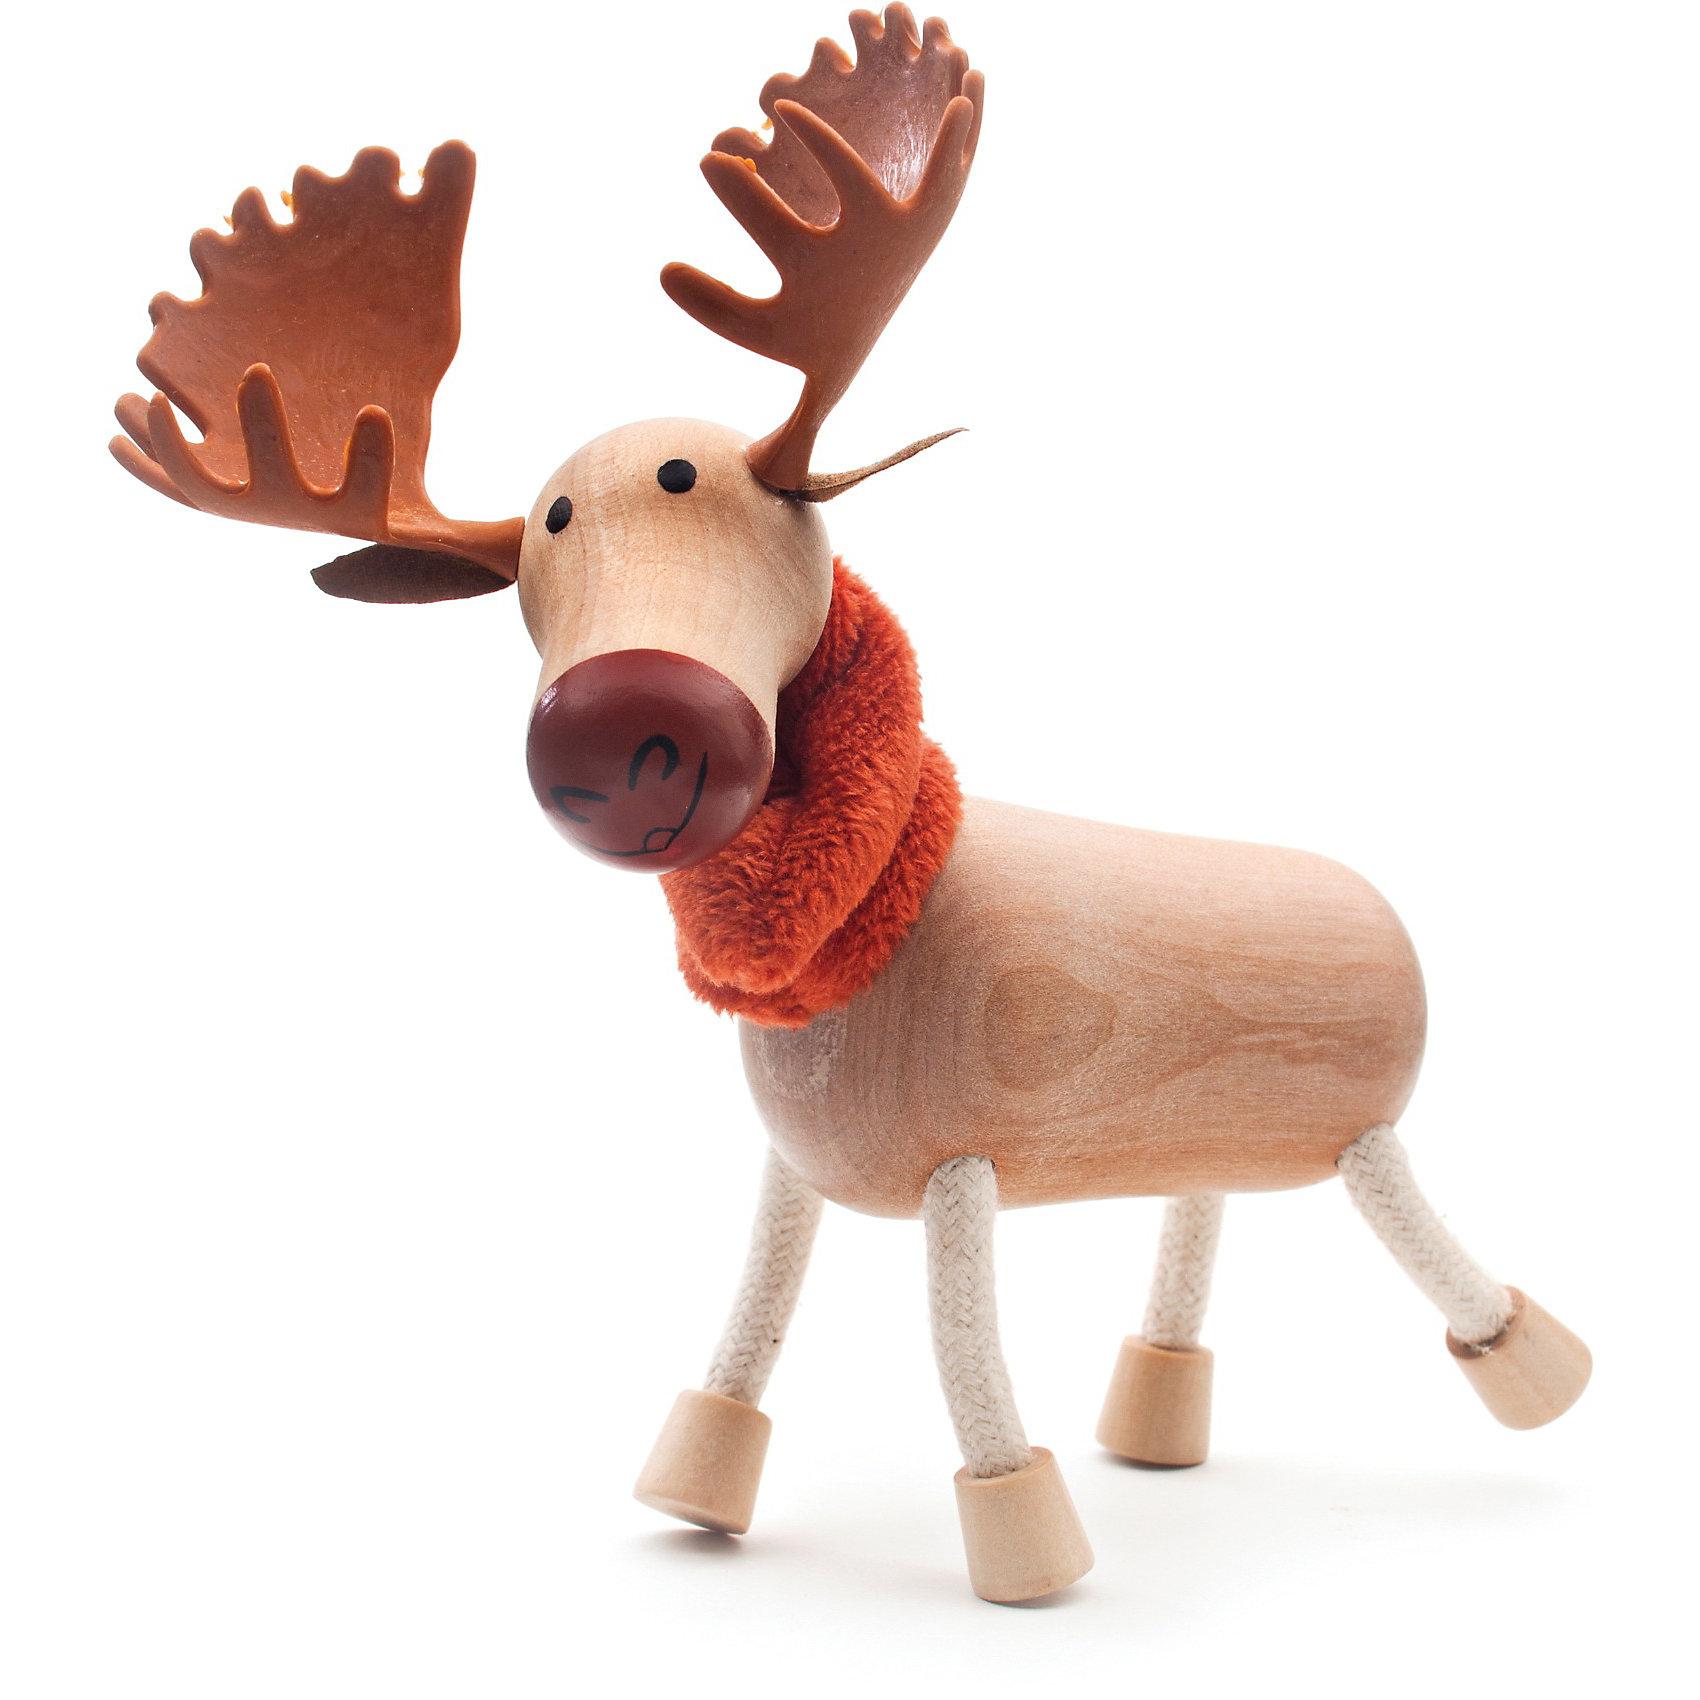 Лось, AnaMalzМир животных<br>AnaMalz – самые милые деревянные игрушки на свете!<br><br>Придуманные австралийским дизайнером Луизой Косан-Скотт,<br>игрушки AnaMalz завоевали более 15 отраслевых наград, включая Австралийскую международную награду в области дизайна, присуждаемую организацией Standards Australia.<br><br>- Размеры: 14 х 8 х 12 см<br><br>- AnaMalz изготовлены из дерева, называемого schima superba или «игольчатое дерево» (быстрорастущее дерево, выращиваемое на лесных плантациях)<br><br>- Рога изготовлены из термопластичной резины (TPR) – материала, одобренного Управлением по контролю качества пищевых продуктов и медикаментов (FDA). Смесь TPR с древесной мукой является экологичной альтернативой пластмассе<br><br>- Все игрушки AnaMalz раскрашиваются вручную с использованием безопасной для детей краски и клея без содержания формальдегида<br><br>- Древесные отходы от производства AnaMalz используются на ферме для выращивания грибов<br><br>AnaMalz завоевали популярность во всем мире. Они стали участниками телевизионных шоу TODAY, шоу Марты Стюарт, Daily Candy Kids и USA Today Weekend. <br><br>Наши маленькие деревянные друзья покорили сердца самых строгих критиков отрасли – и получили множество «игрушечных» наград!<br><br>Ширина мм: 140<br>Глубина мм: 80<br>Высота мм: 120<br>Вес г: 88<br>Возраст от месяцев: 36<br>Возраст до месяцев: 168<br>Пол: Унисекс<br>Возраст: Детский<br>SKU: 3807618